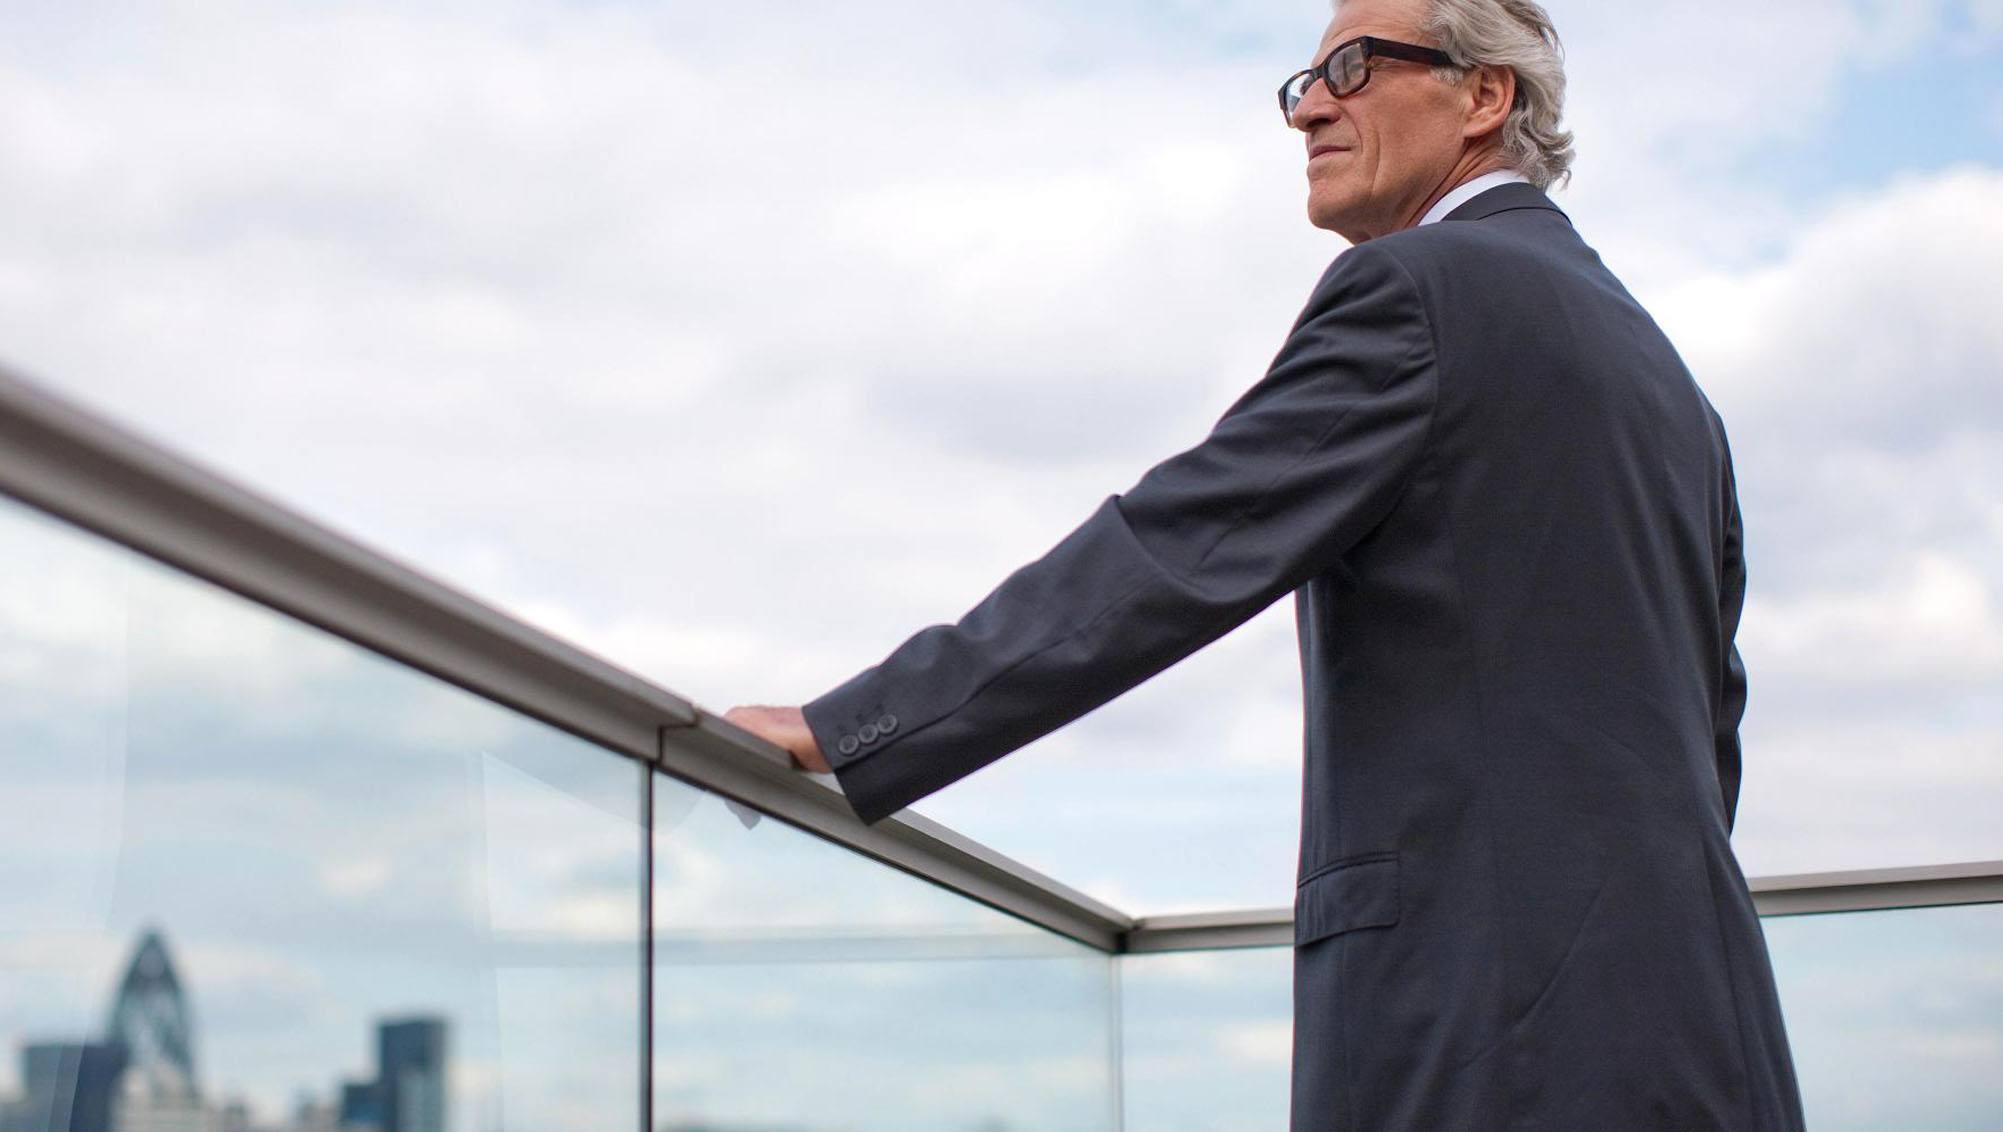 5 Perguntas sobre planejamento da sucessão que todo empresário deve ler